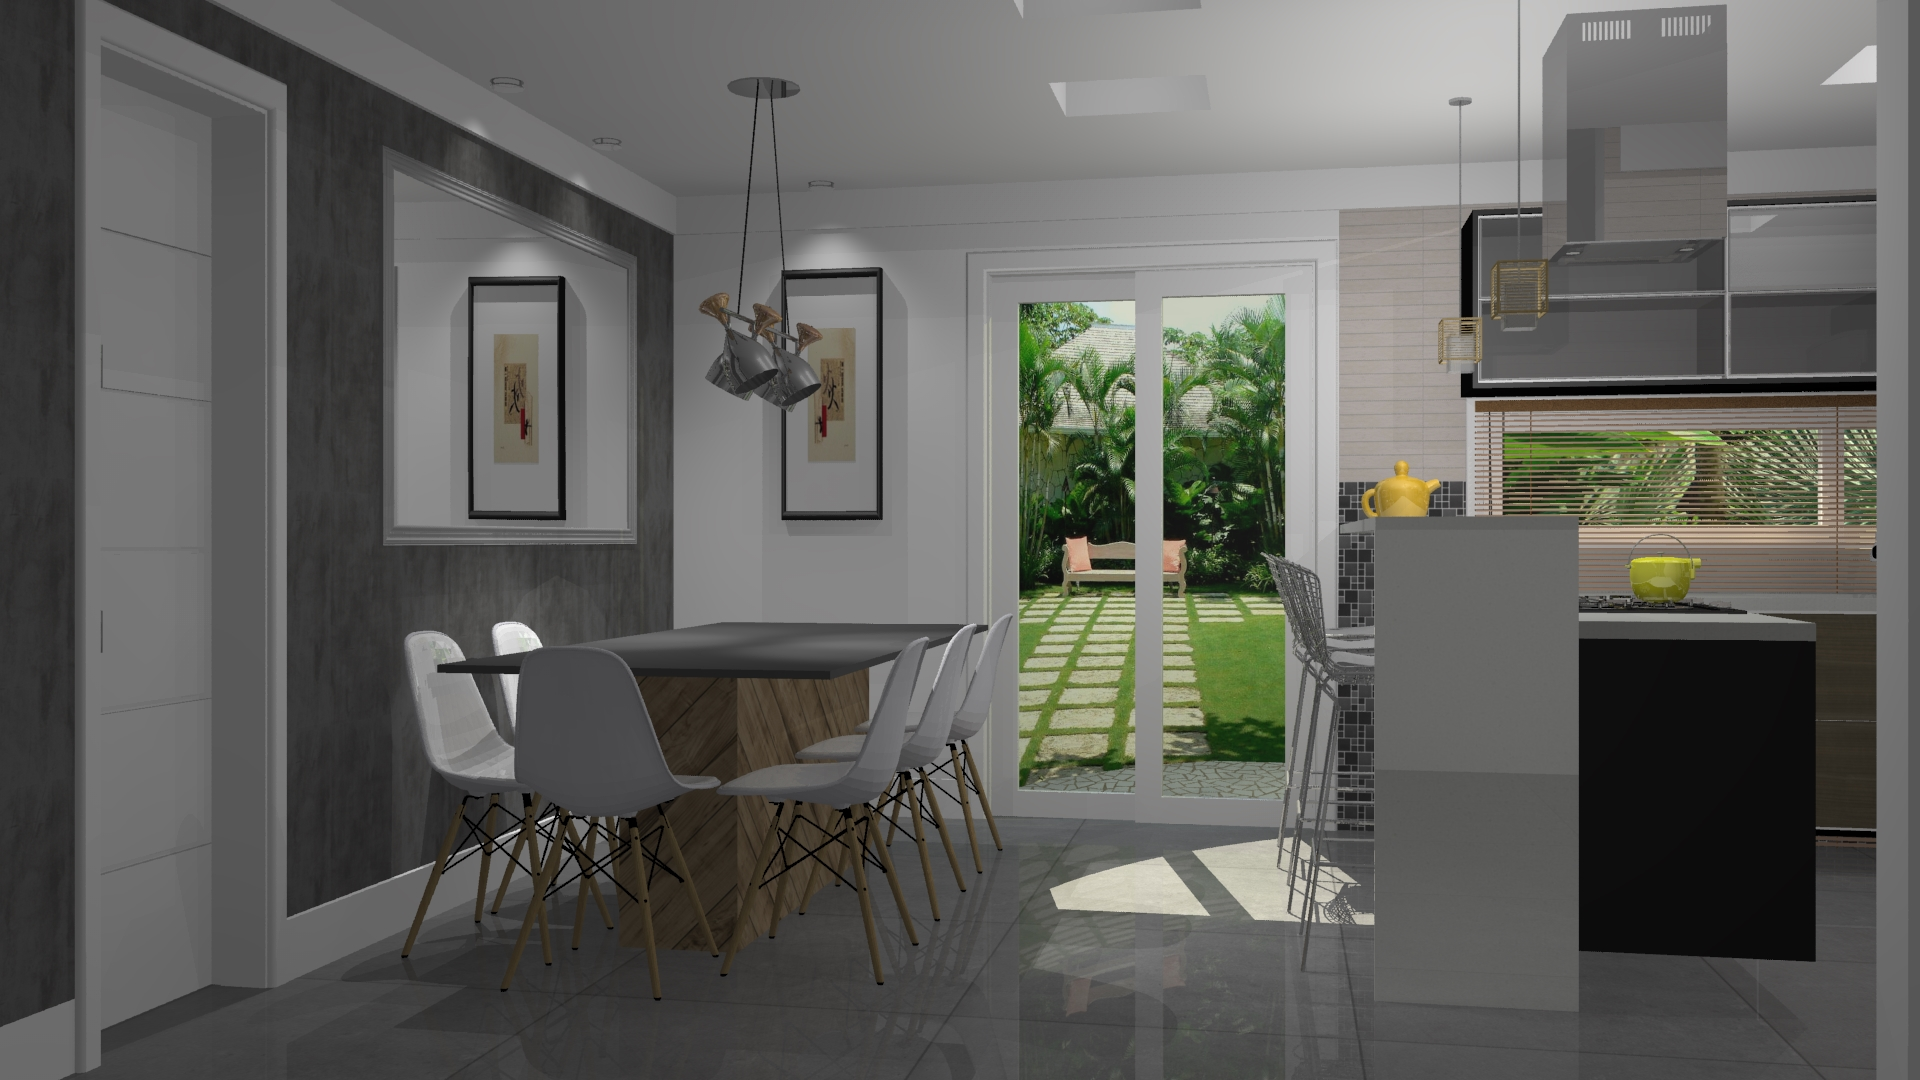 de cozinha planejada cozinha pequena planejada projetos de cozinhas  #997E32 1920 1080